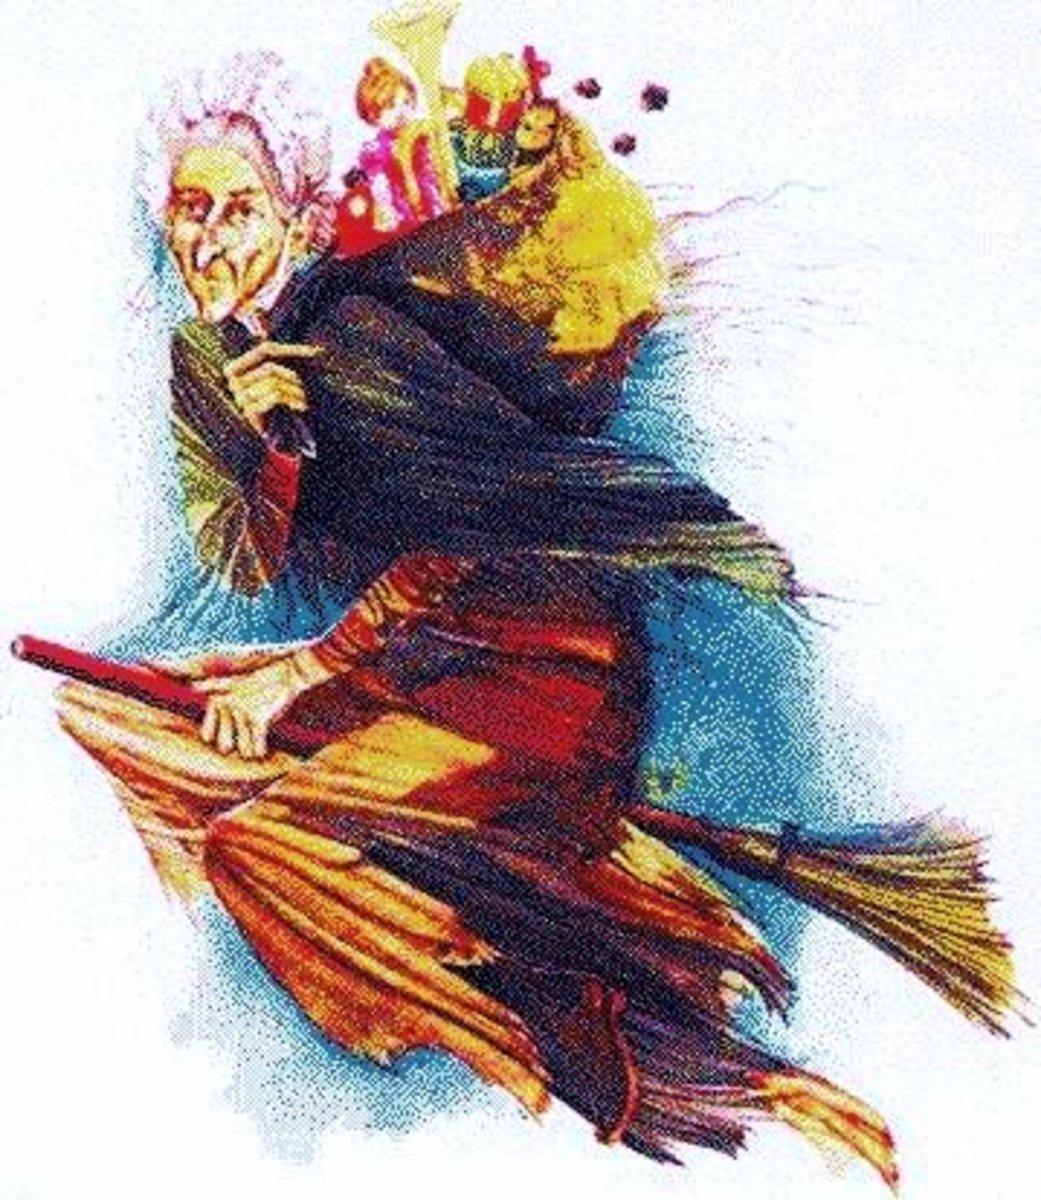 La Befana, Italy's Christmas Witch